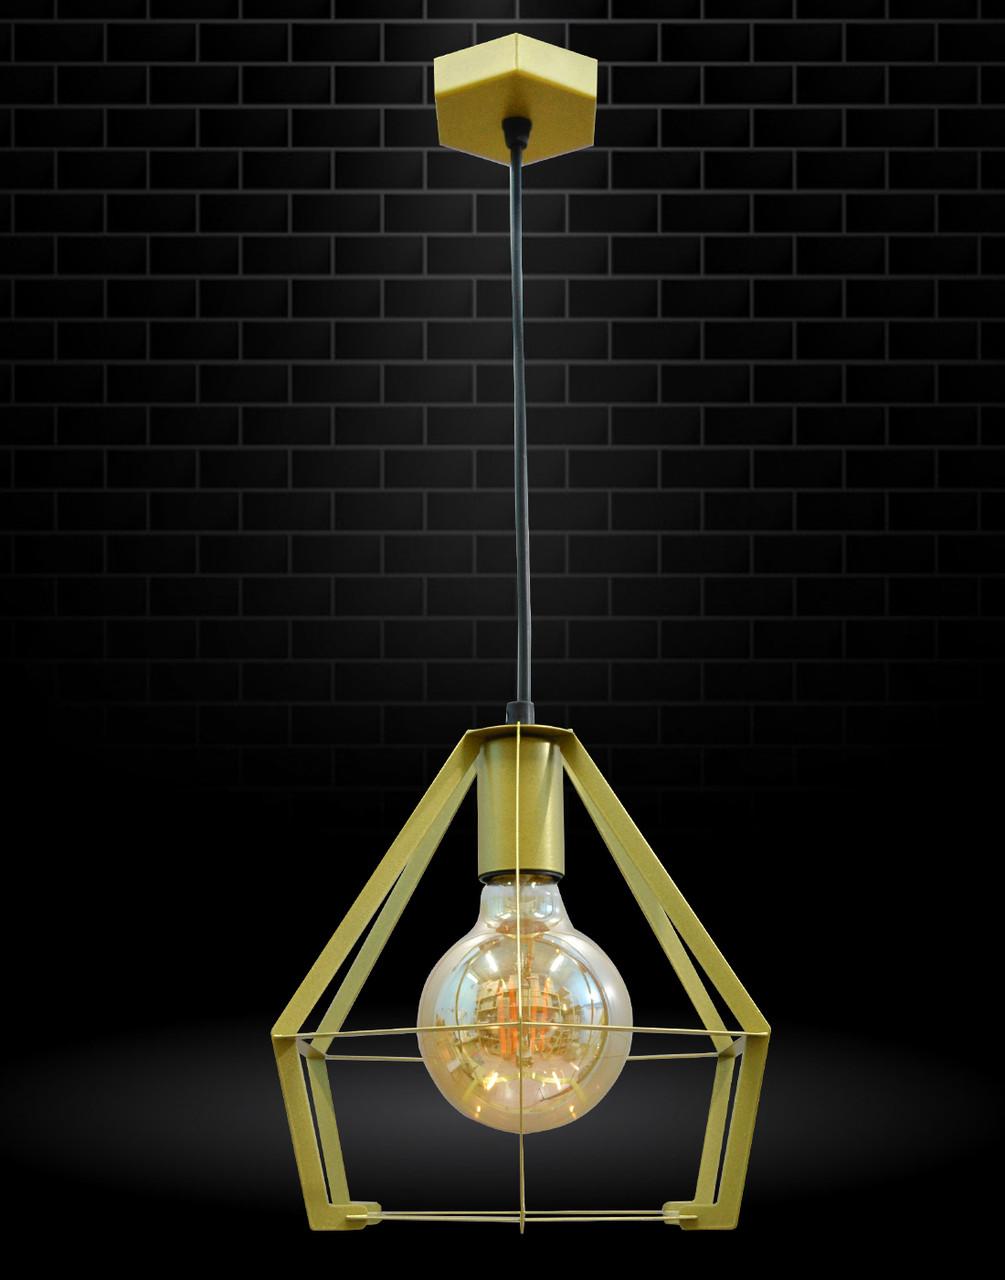 Светильник потолочный подвесной NL 0637 G 100lamp Е-27 Лофт золотой